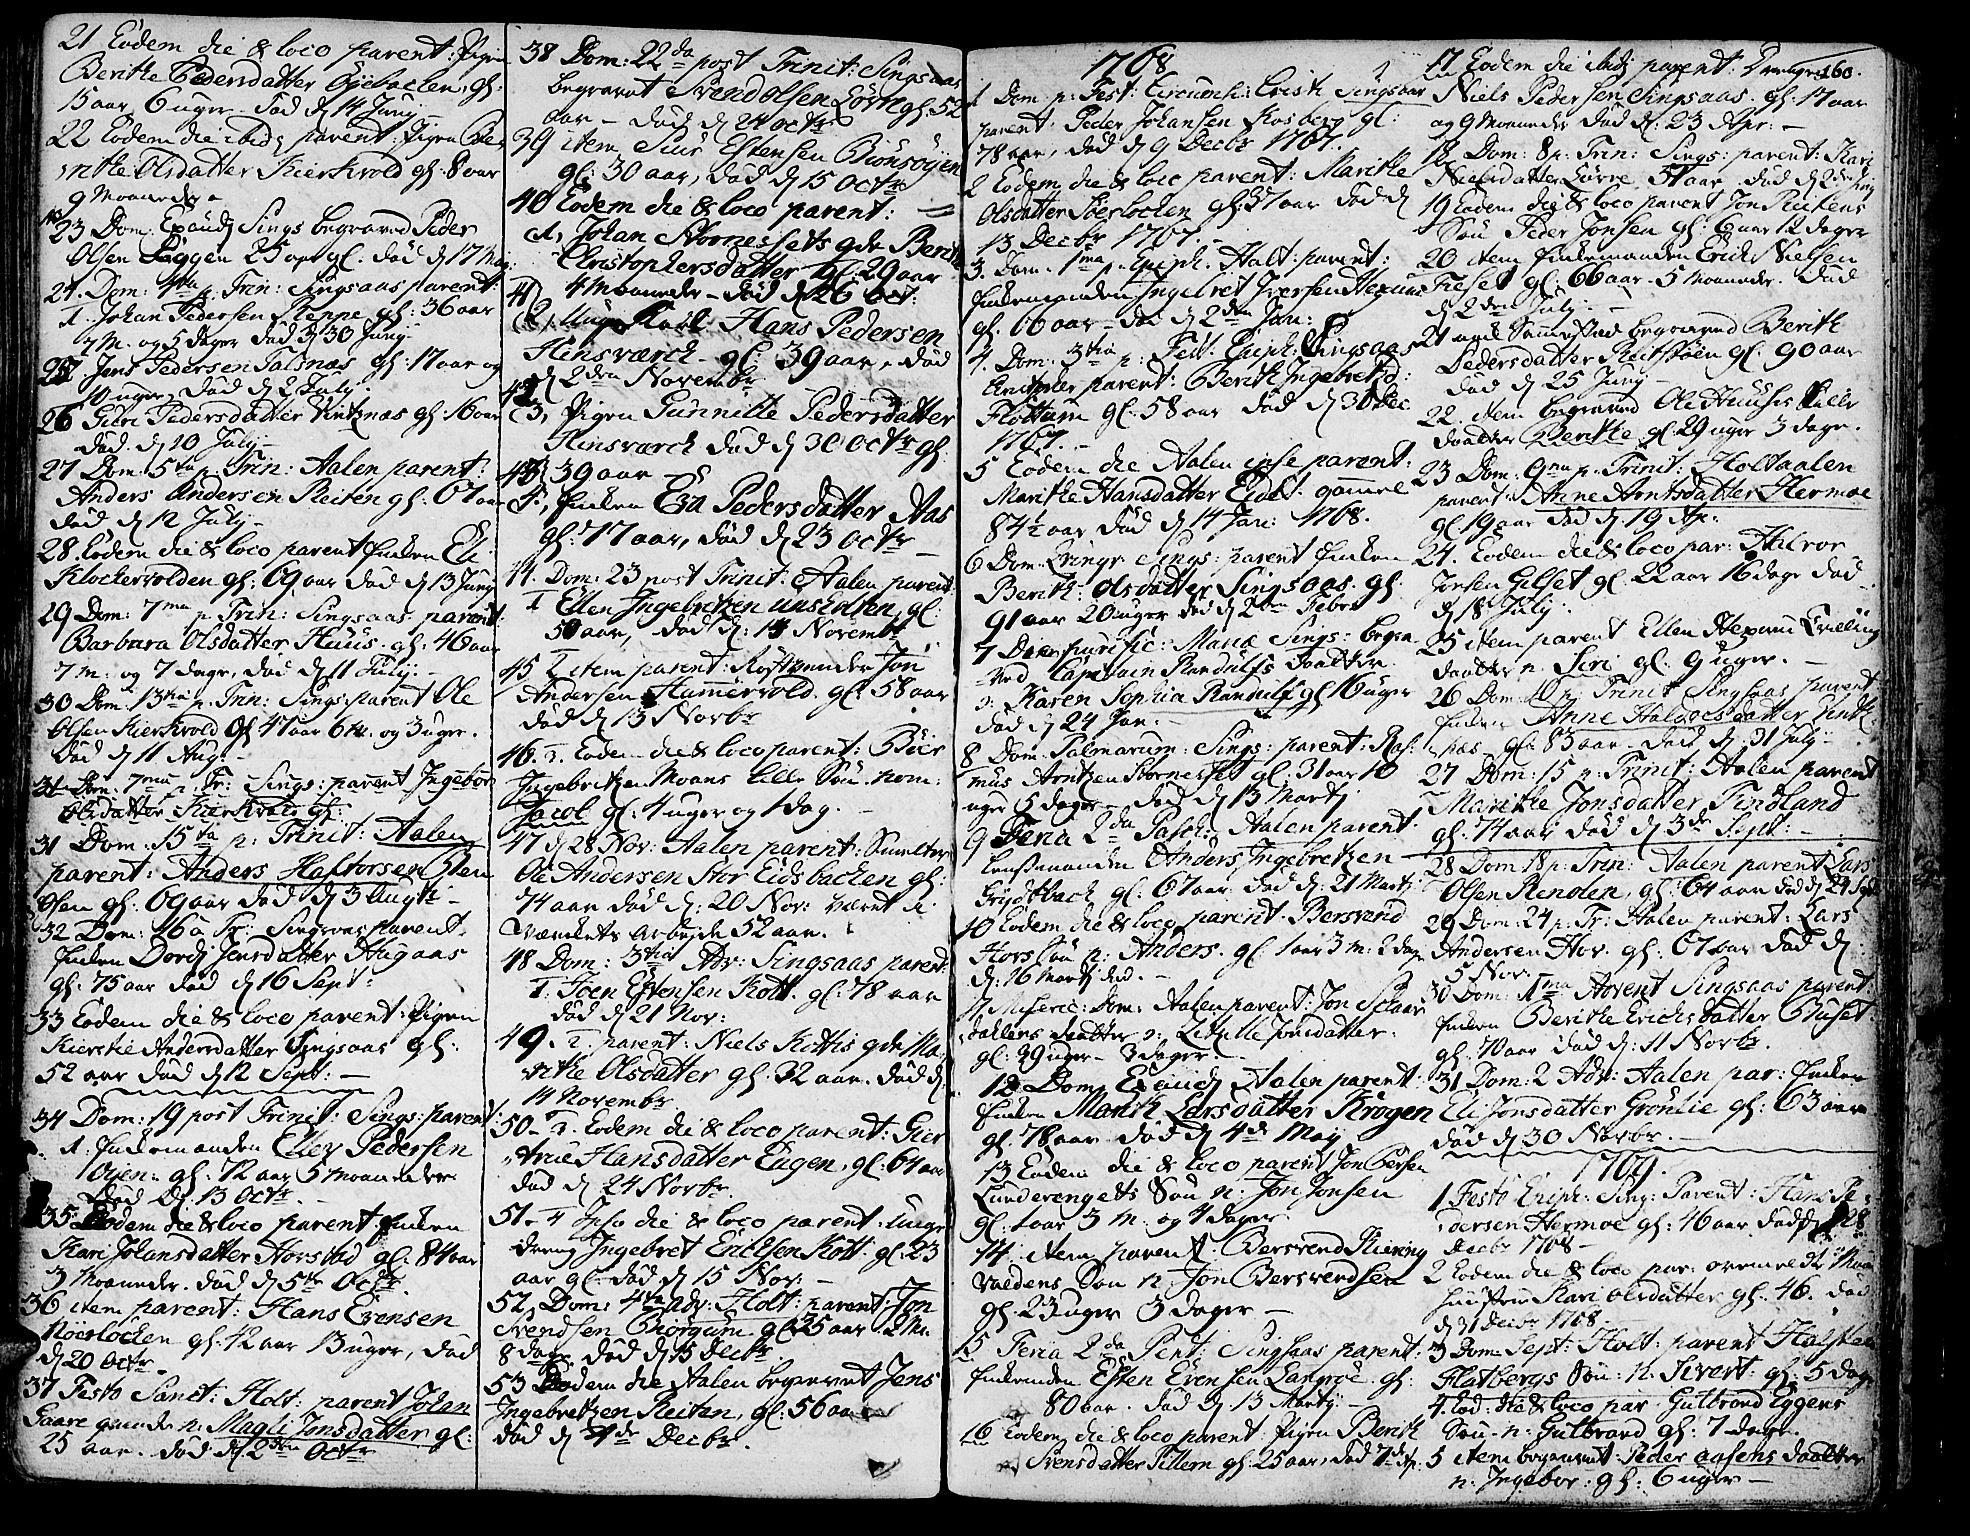 SAT, Ministerialprotokoller, klokkerbøker og fødselsregistre - Sør-Trøndelag, 685/L0952: Ministerialbok nr. 685A01, 1745-1804, s. 160